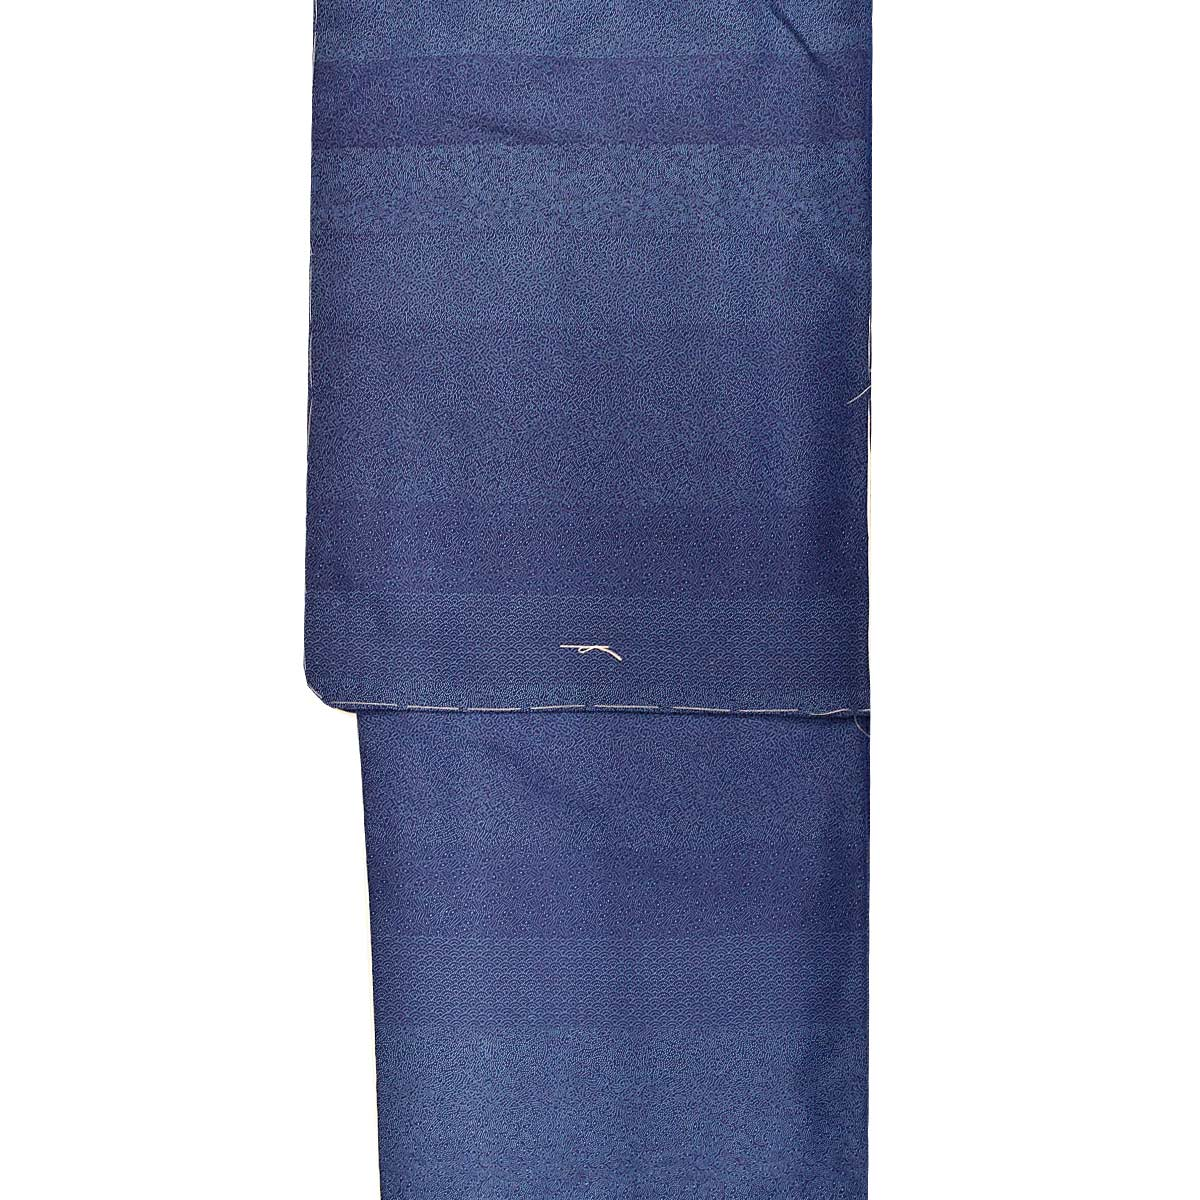 【裂取り】洗える 袷 江戸小紋 単品【L寸】洗える着物 普段着 小紋 青番号c828-1f